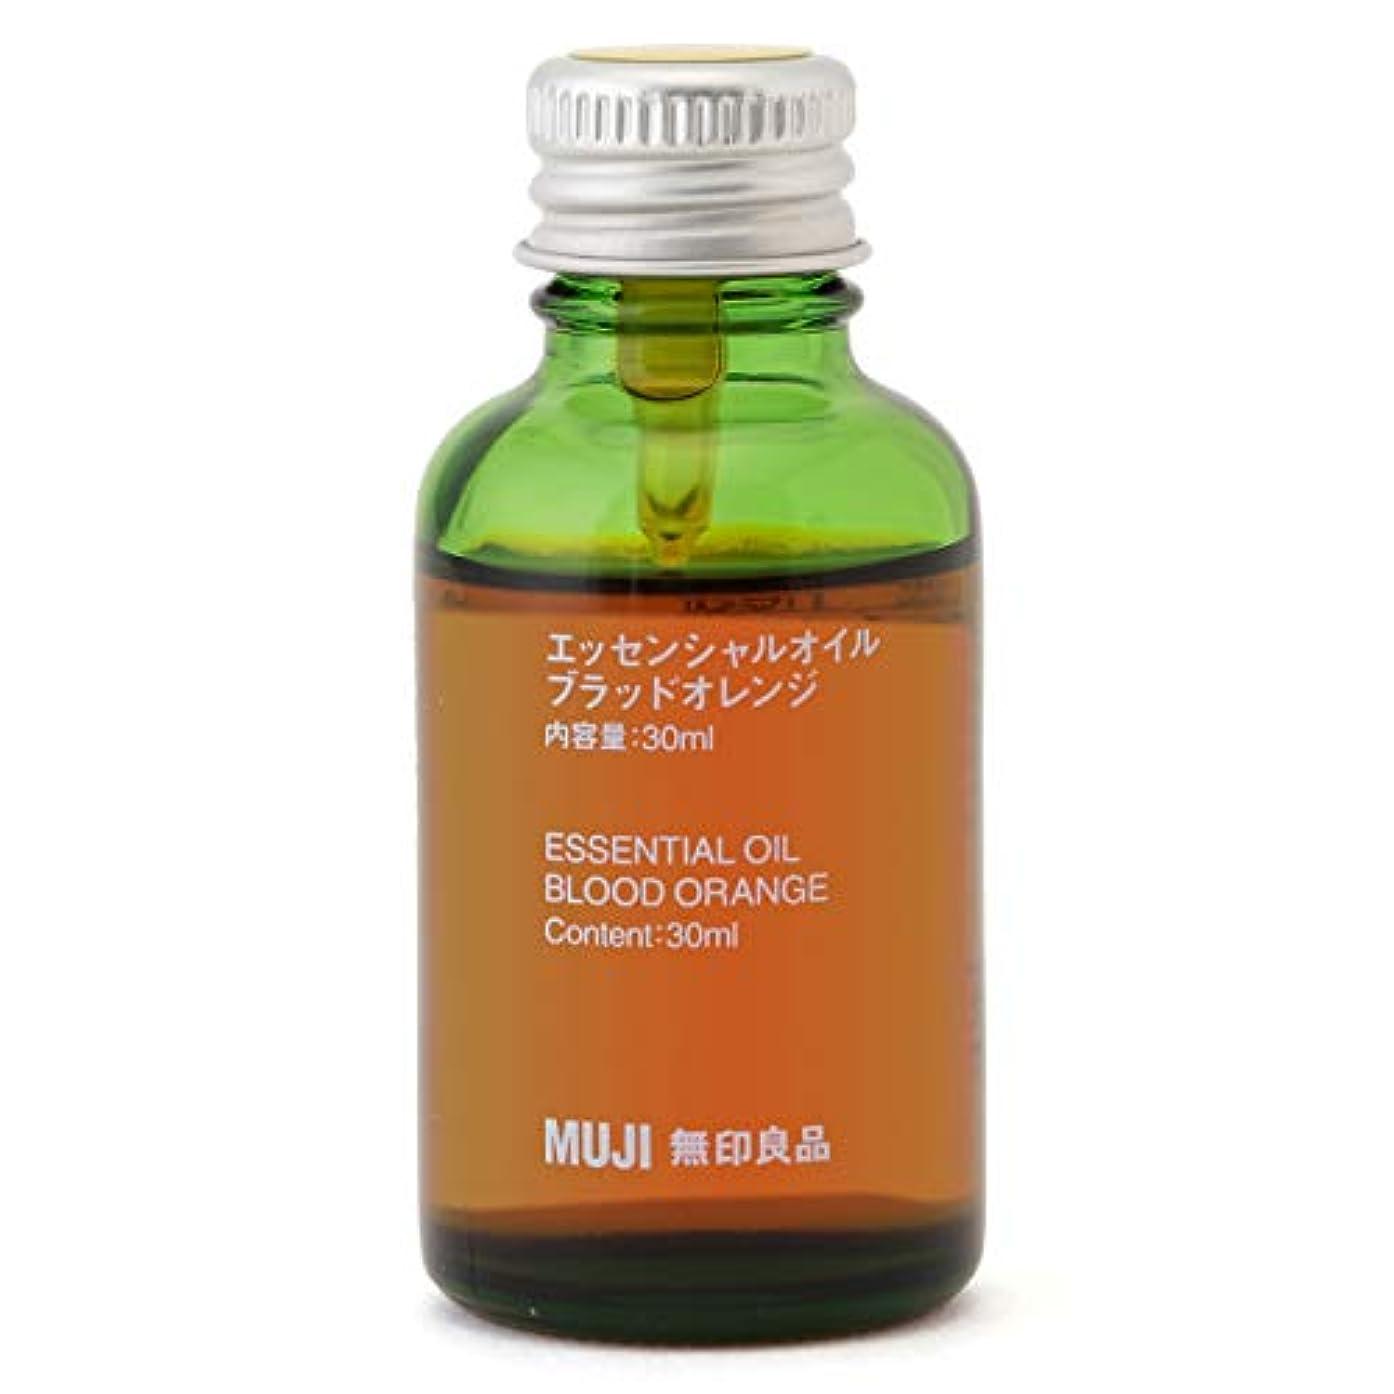 雨の悩む後悔【無印良品】エッセンシャルオイル30ml(ブラッドオレンジ)